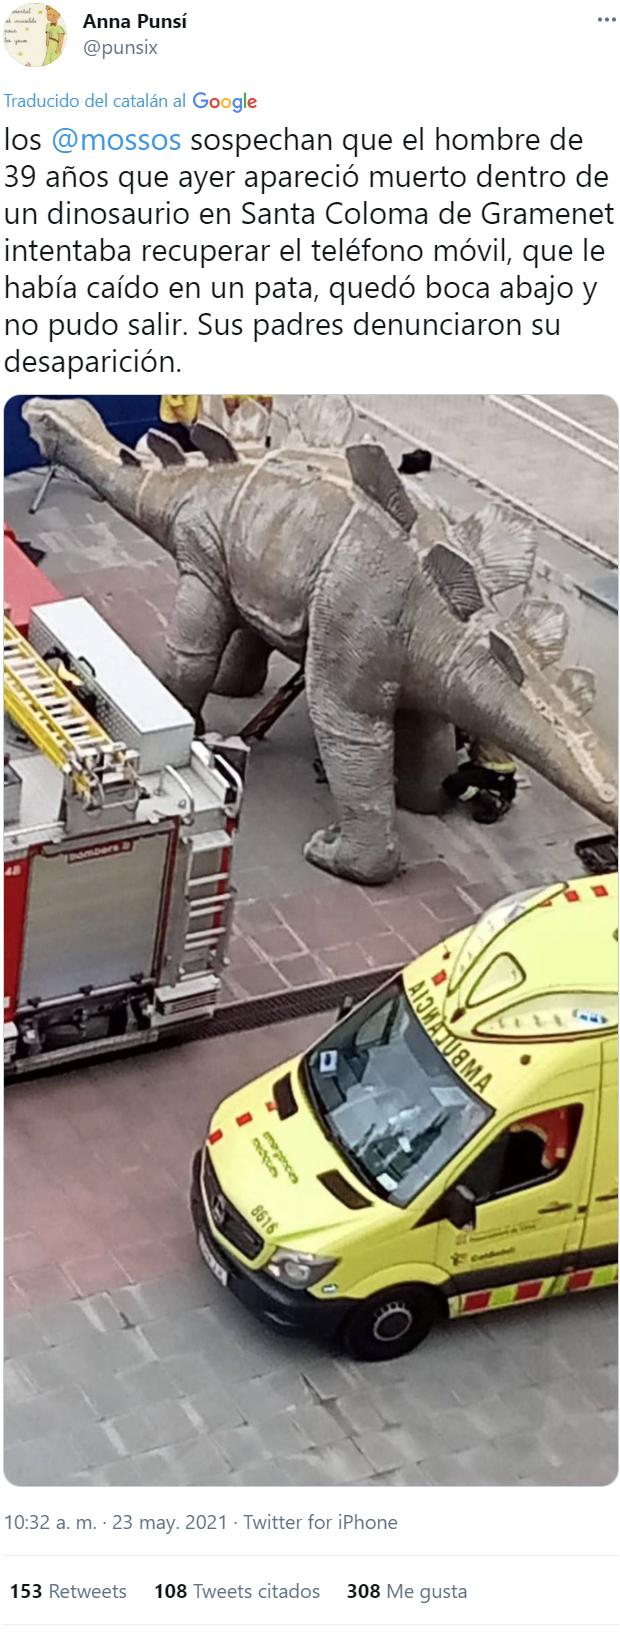 Más información sobre el extraño caso del hombre encontrado muerto dentro de un dinosaurio